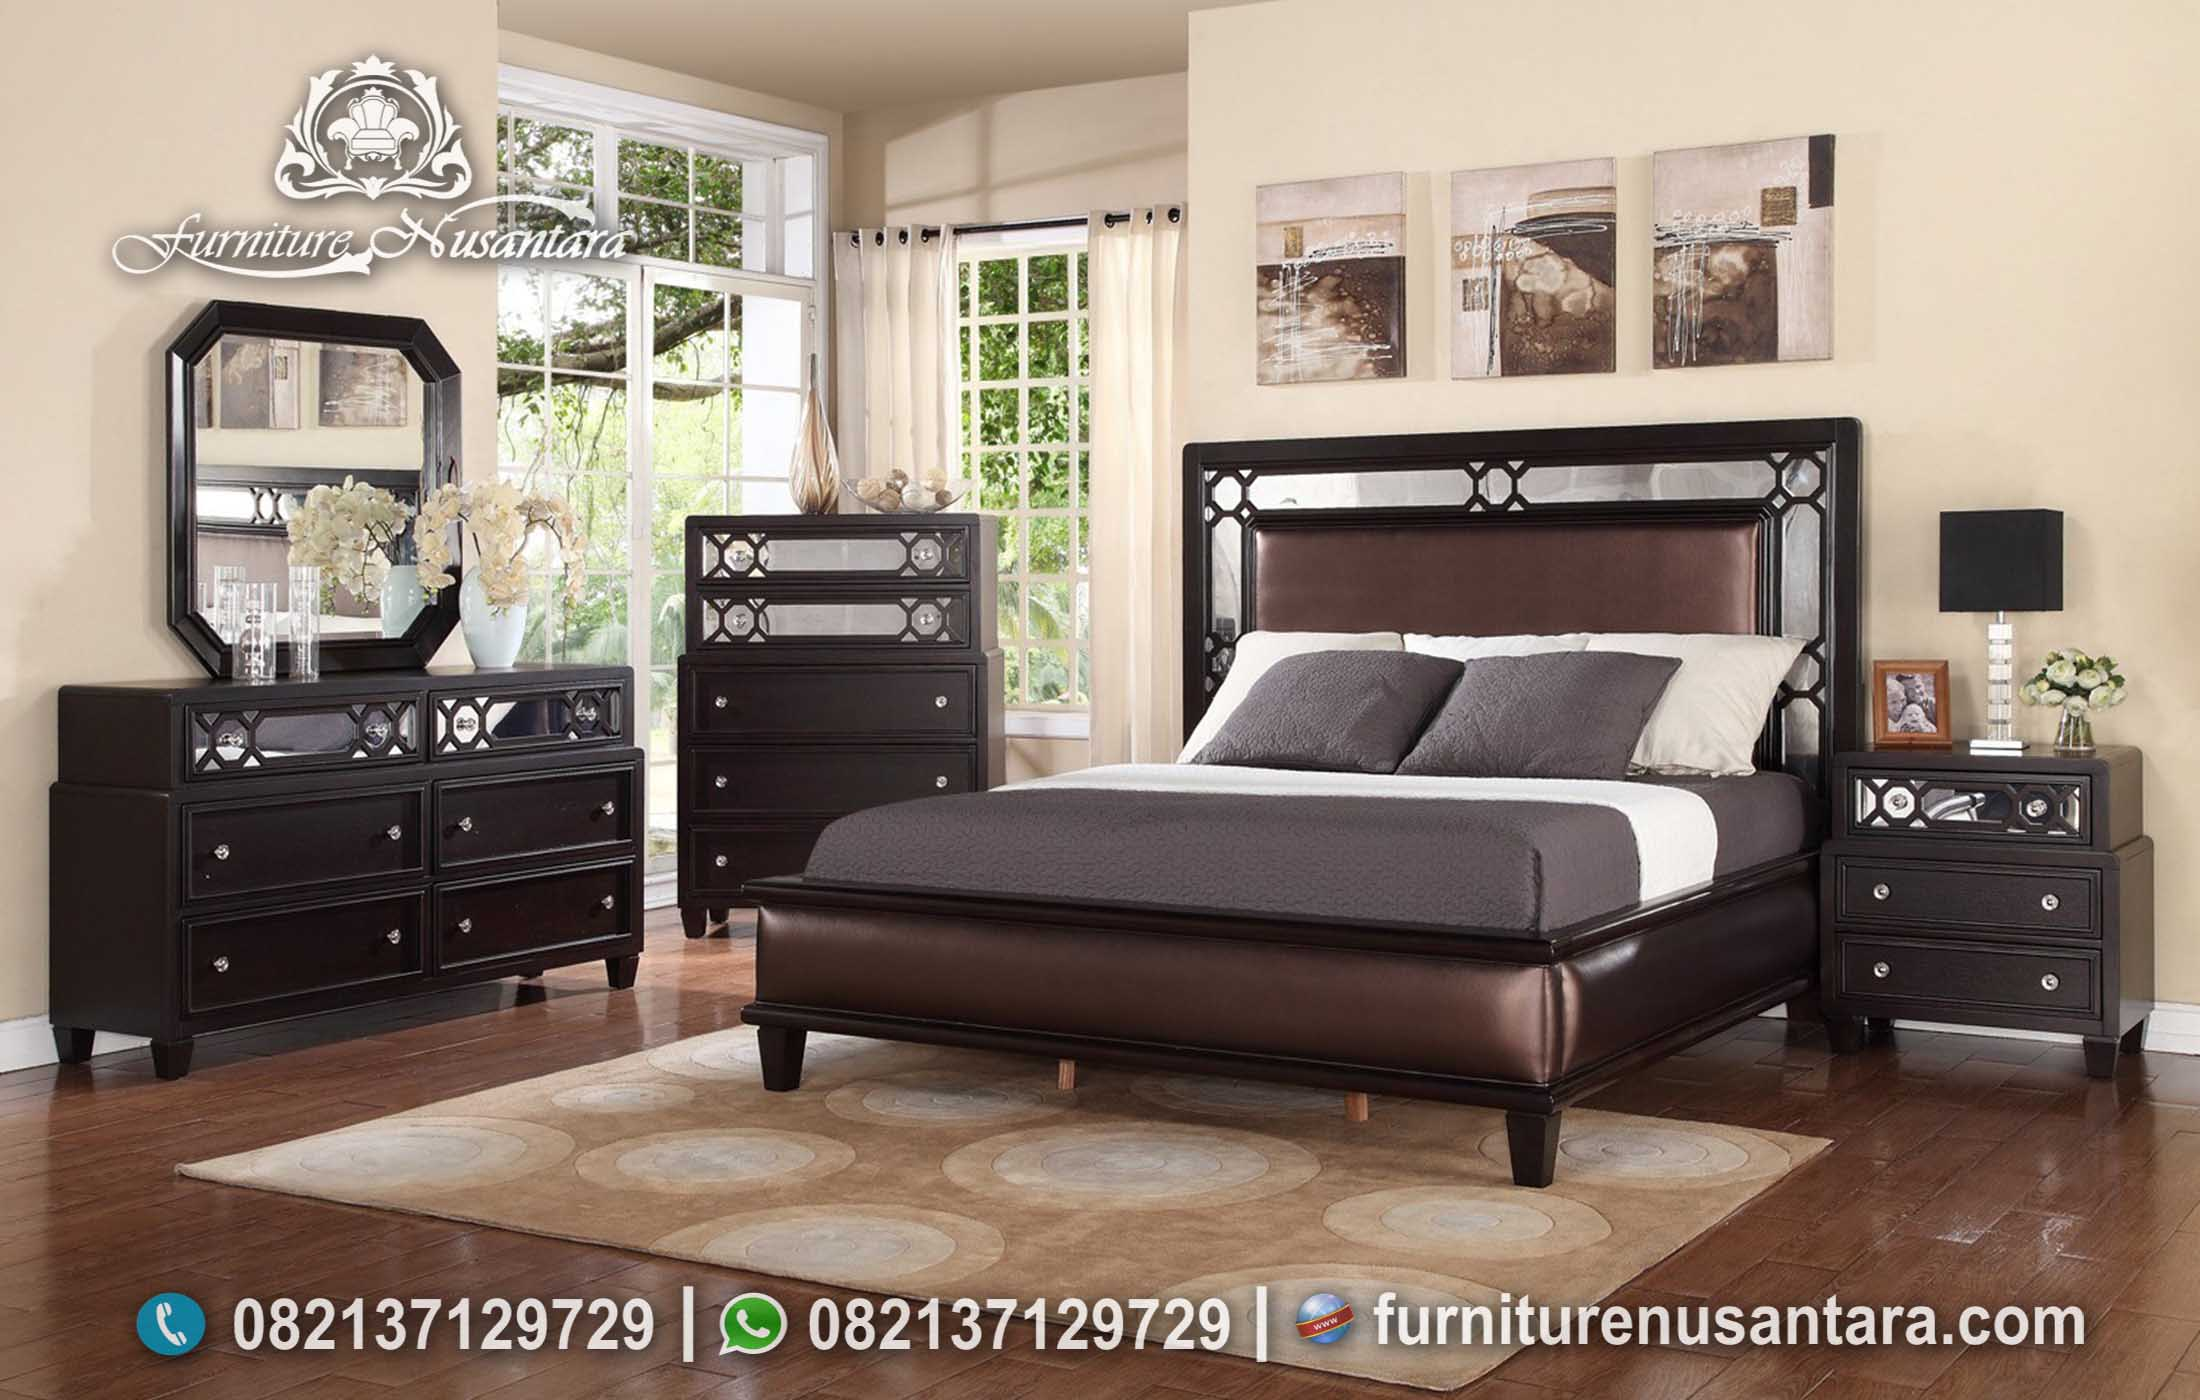 Desain Terbaru Kamar Set Minimalis Modern Casual KS-224, Furniture Nusantara